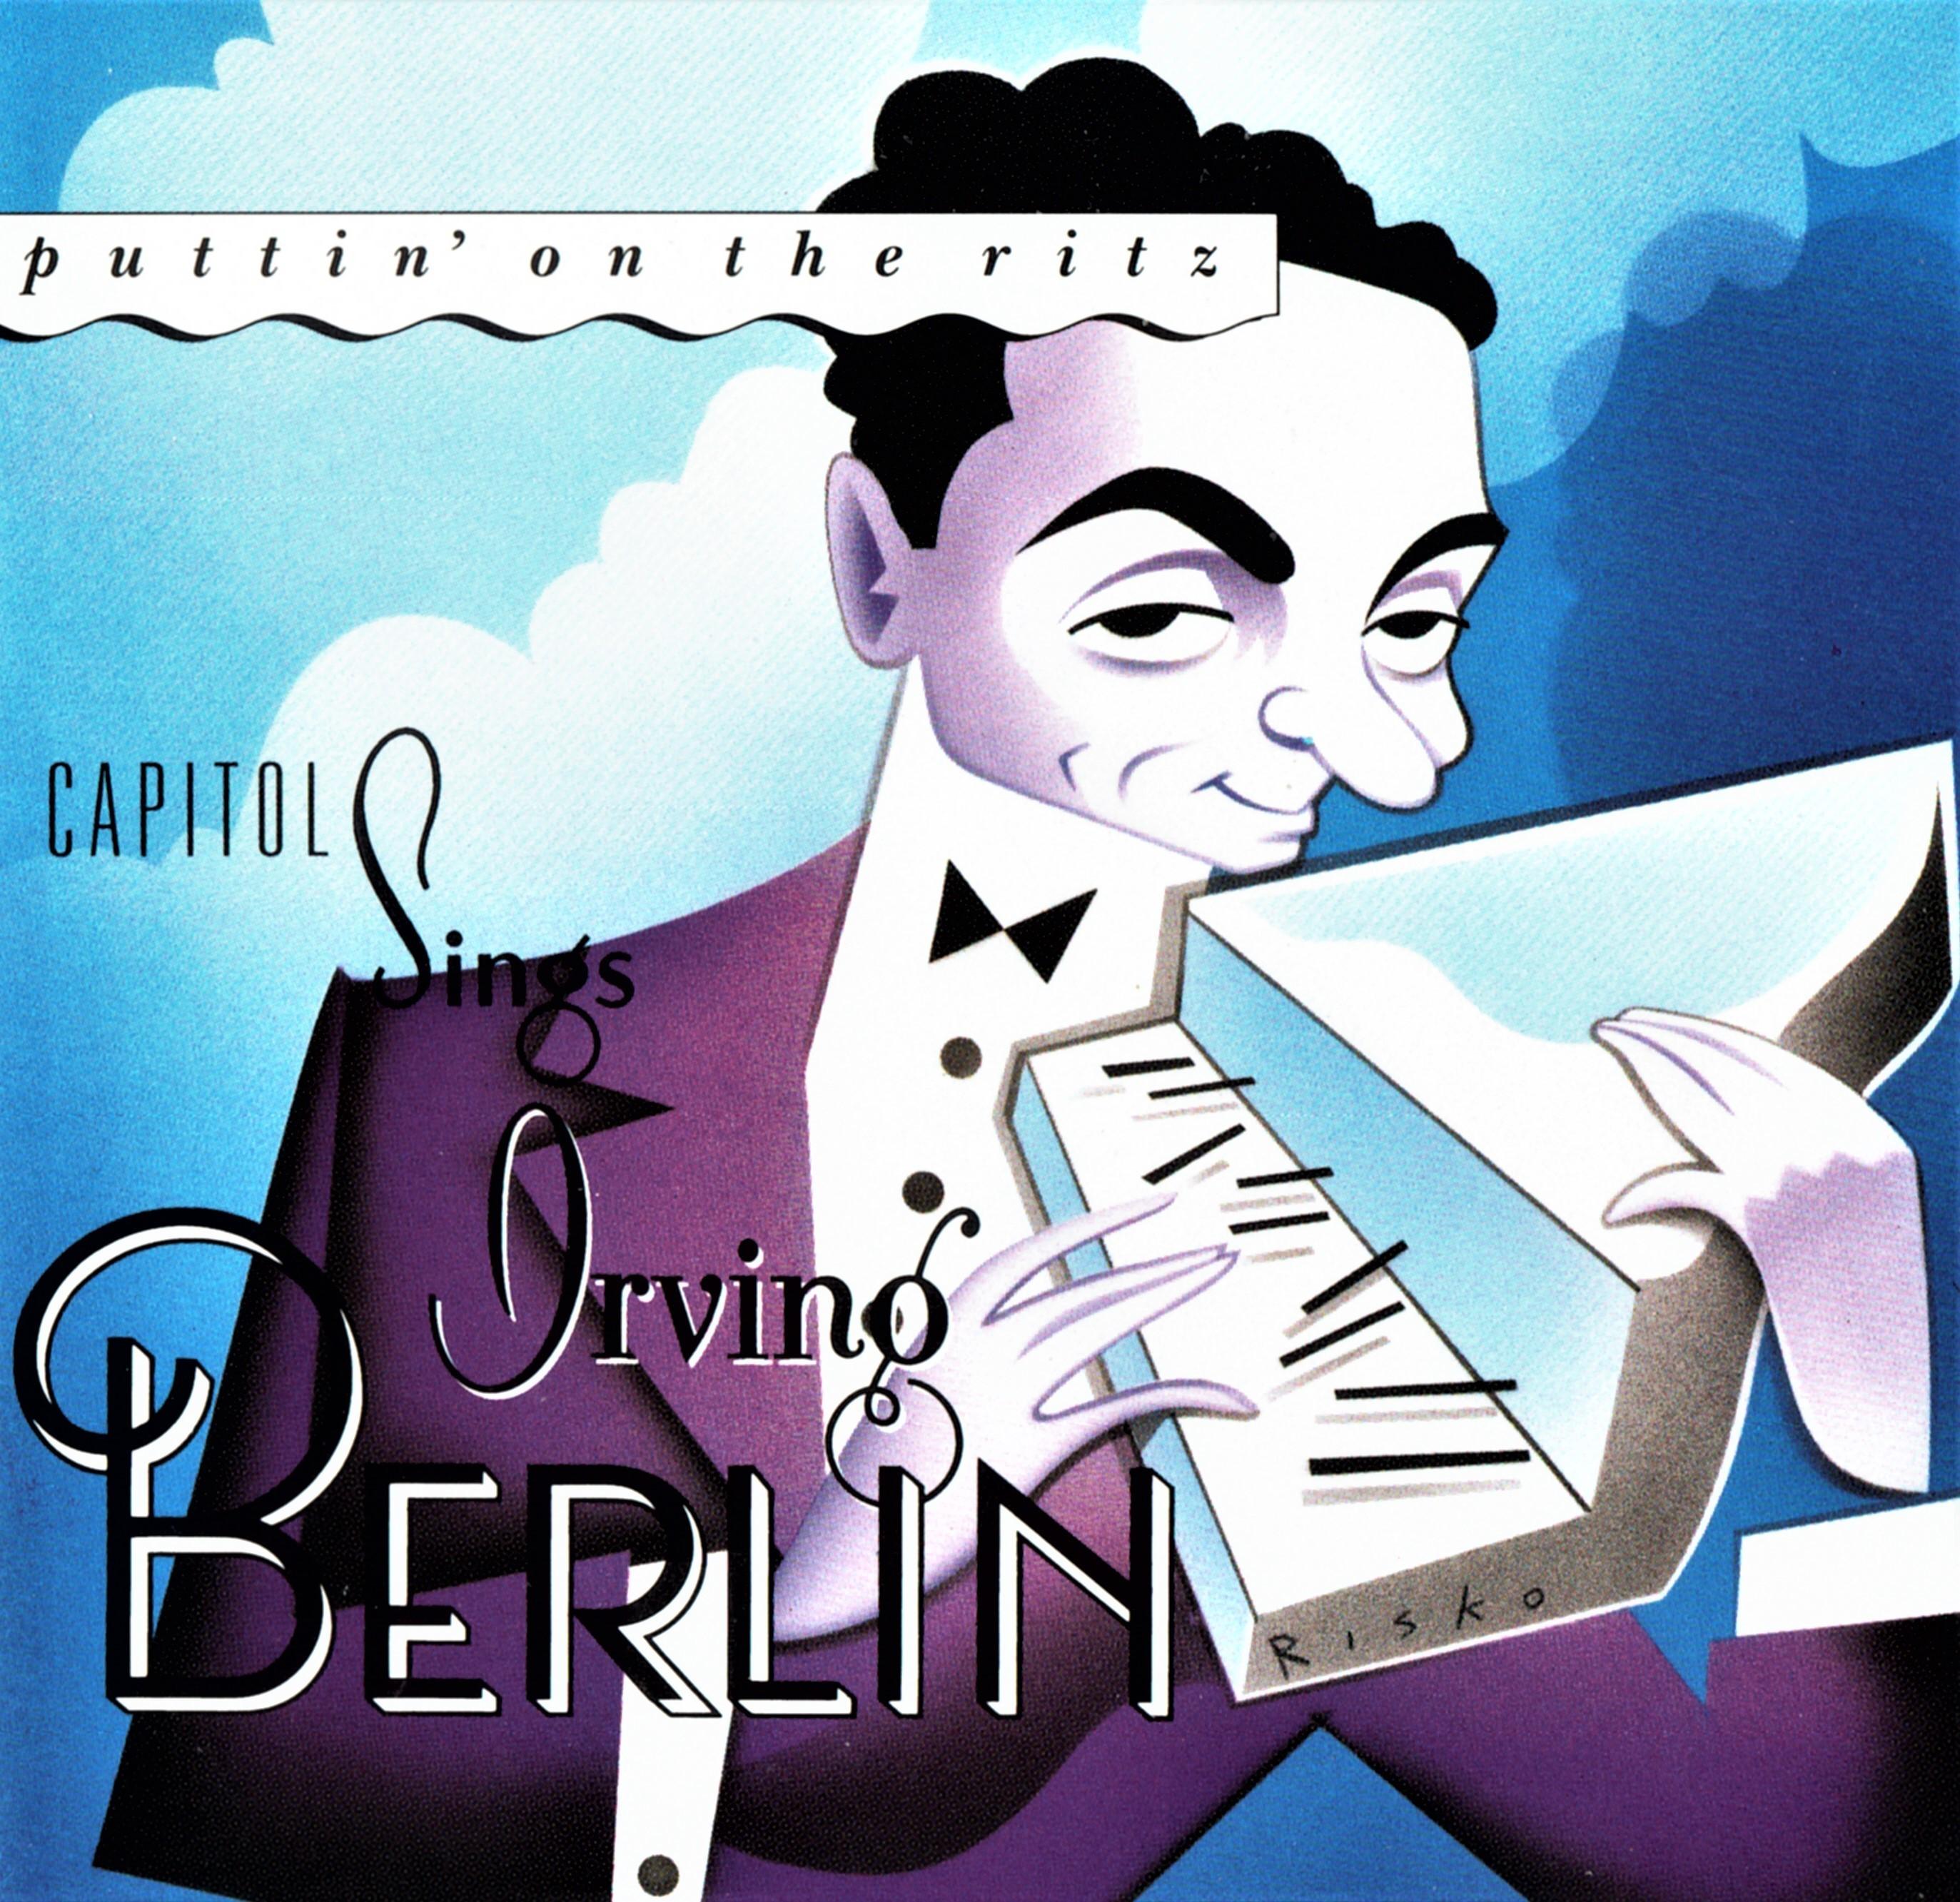 作詞作曲家アーヴィング・バーリンの似顔絵をあしらった名曲集CD(輸入盤)